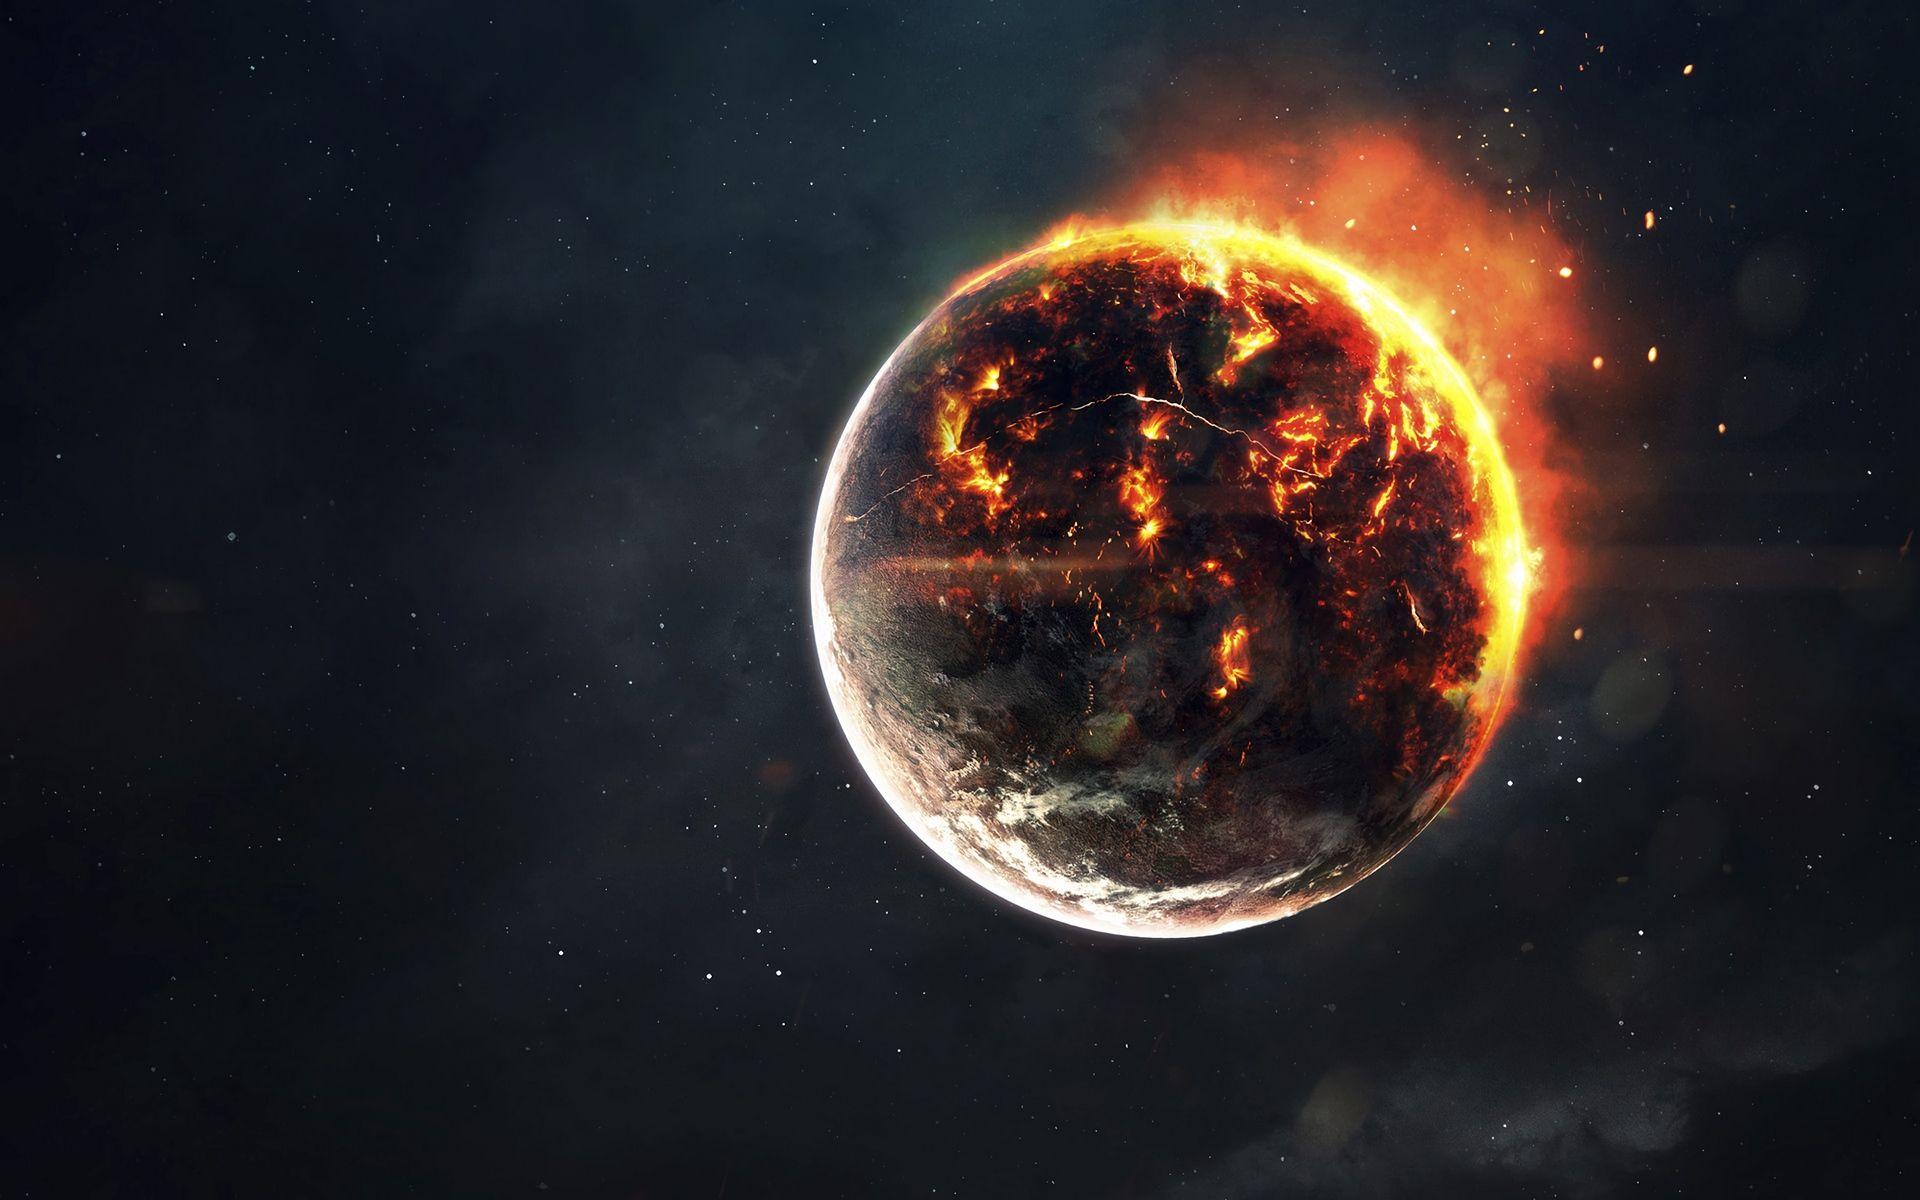 Fire In Space HD Wallpaper